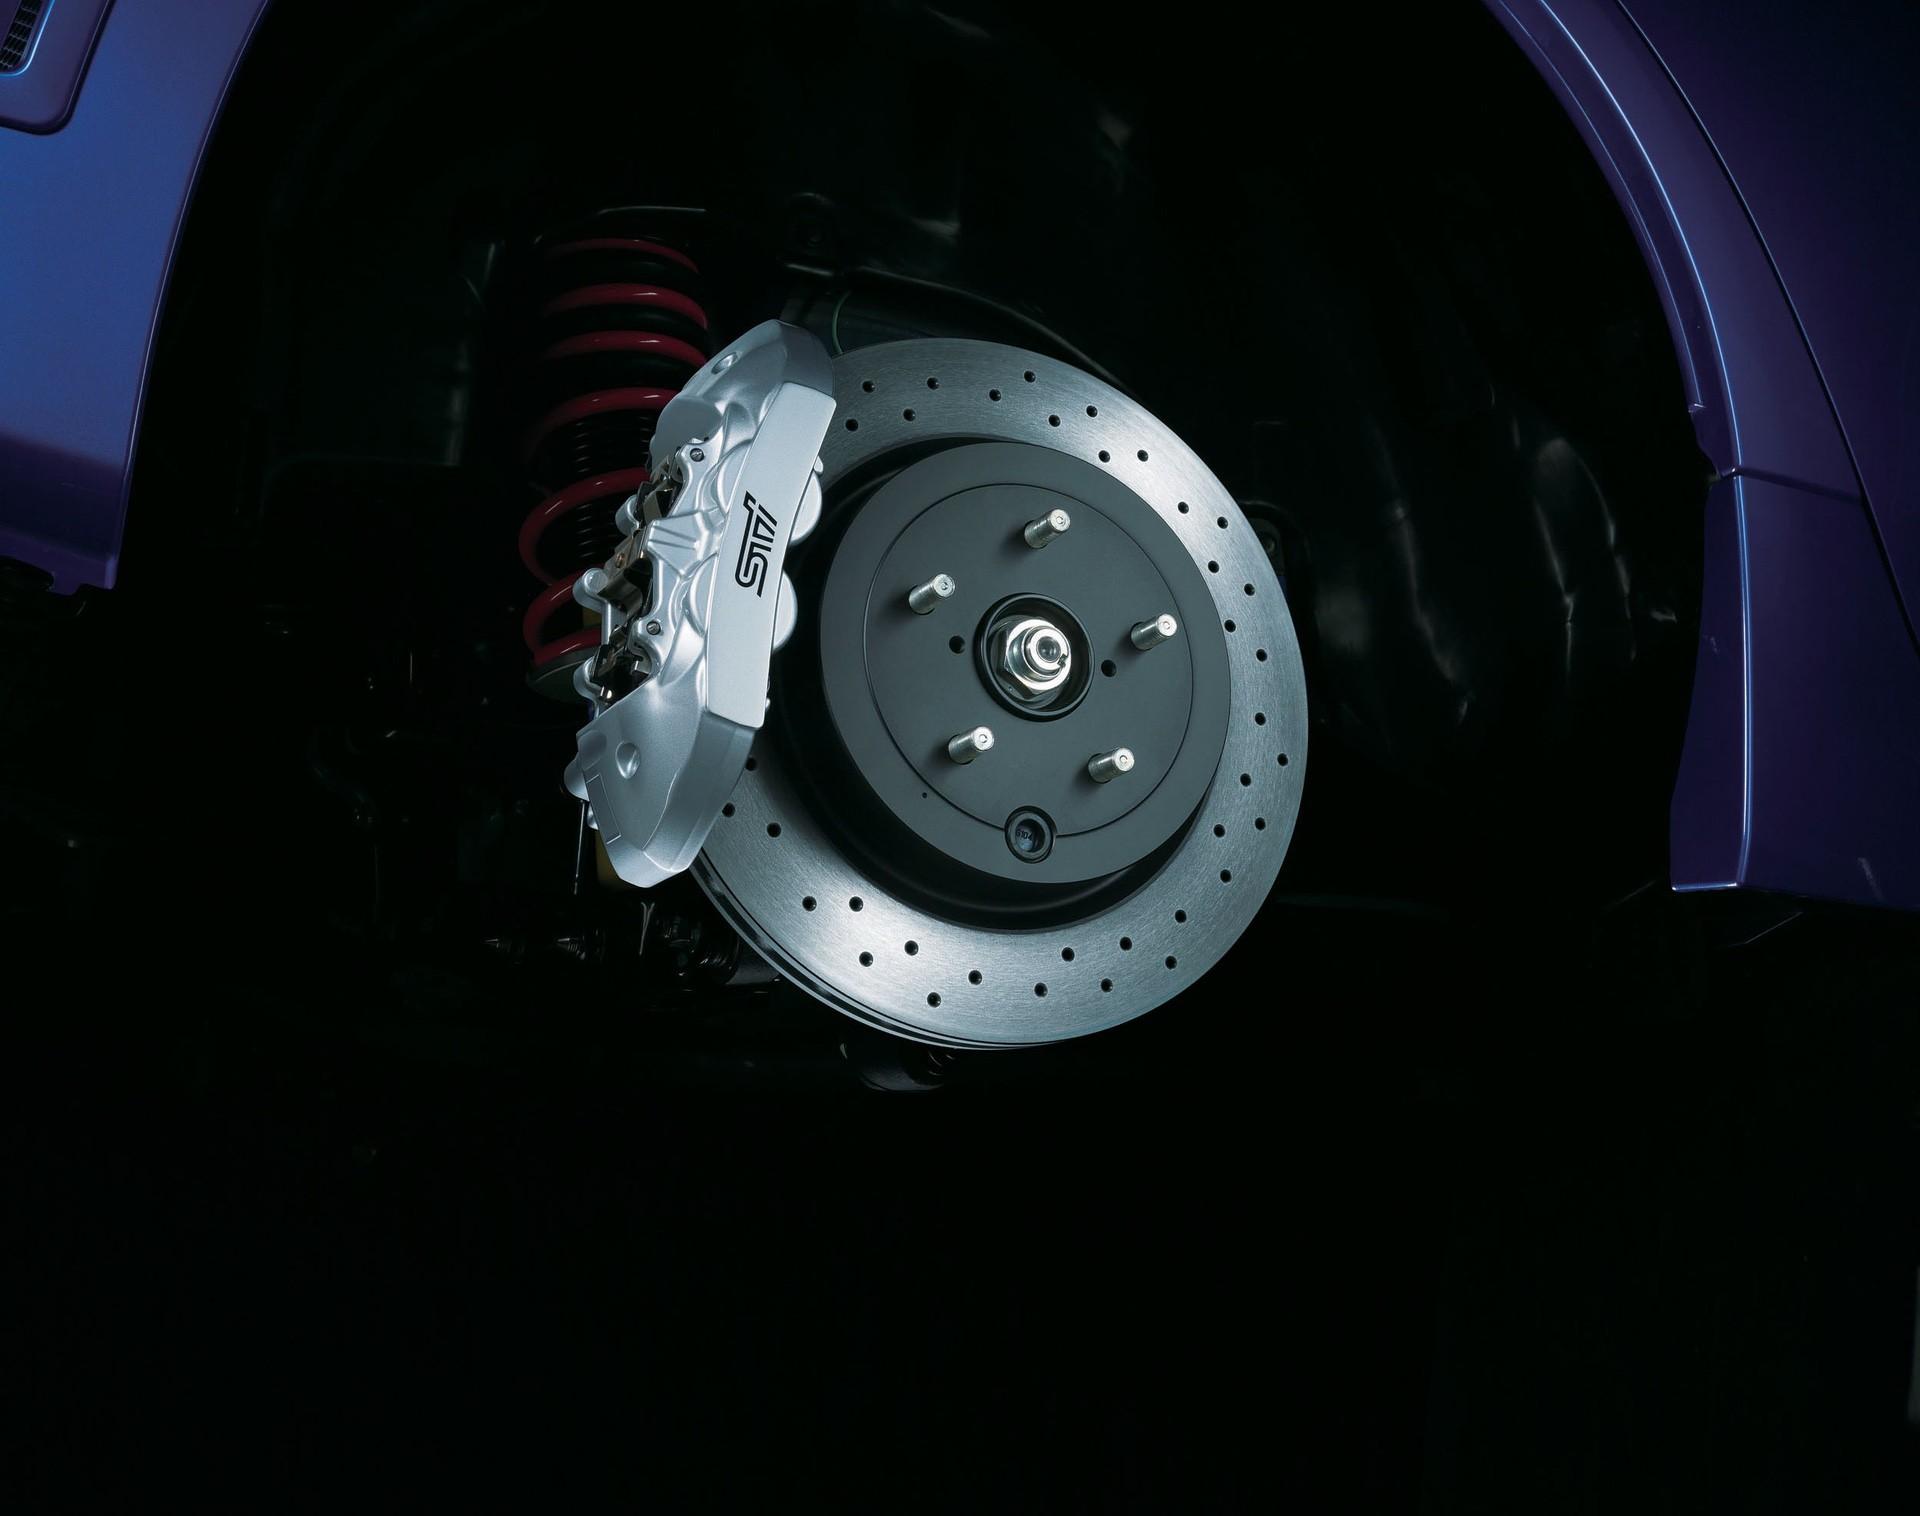 Subaru_Impreza_STI_S207_0025